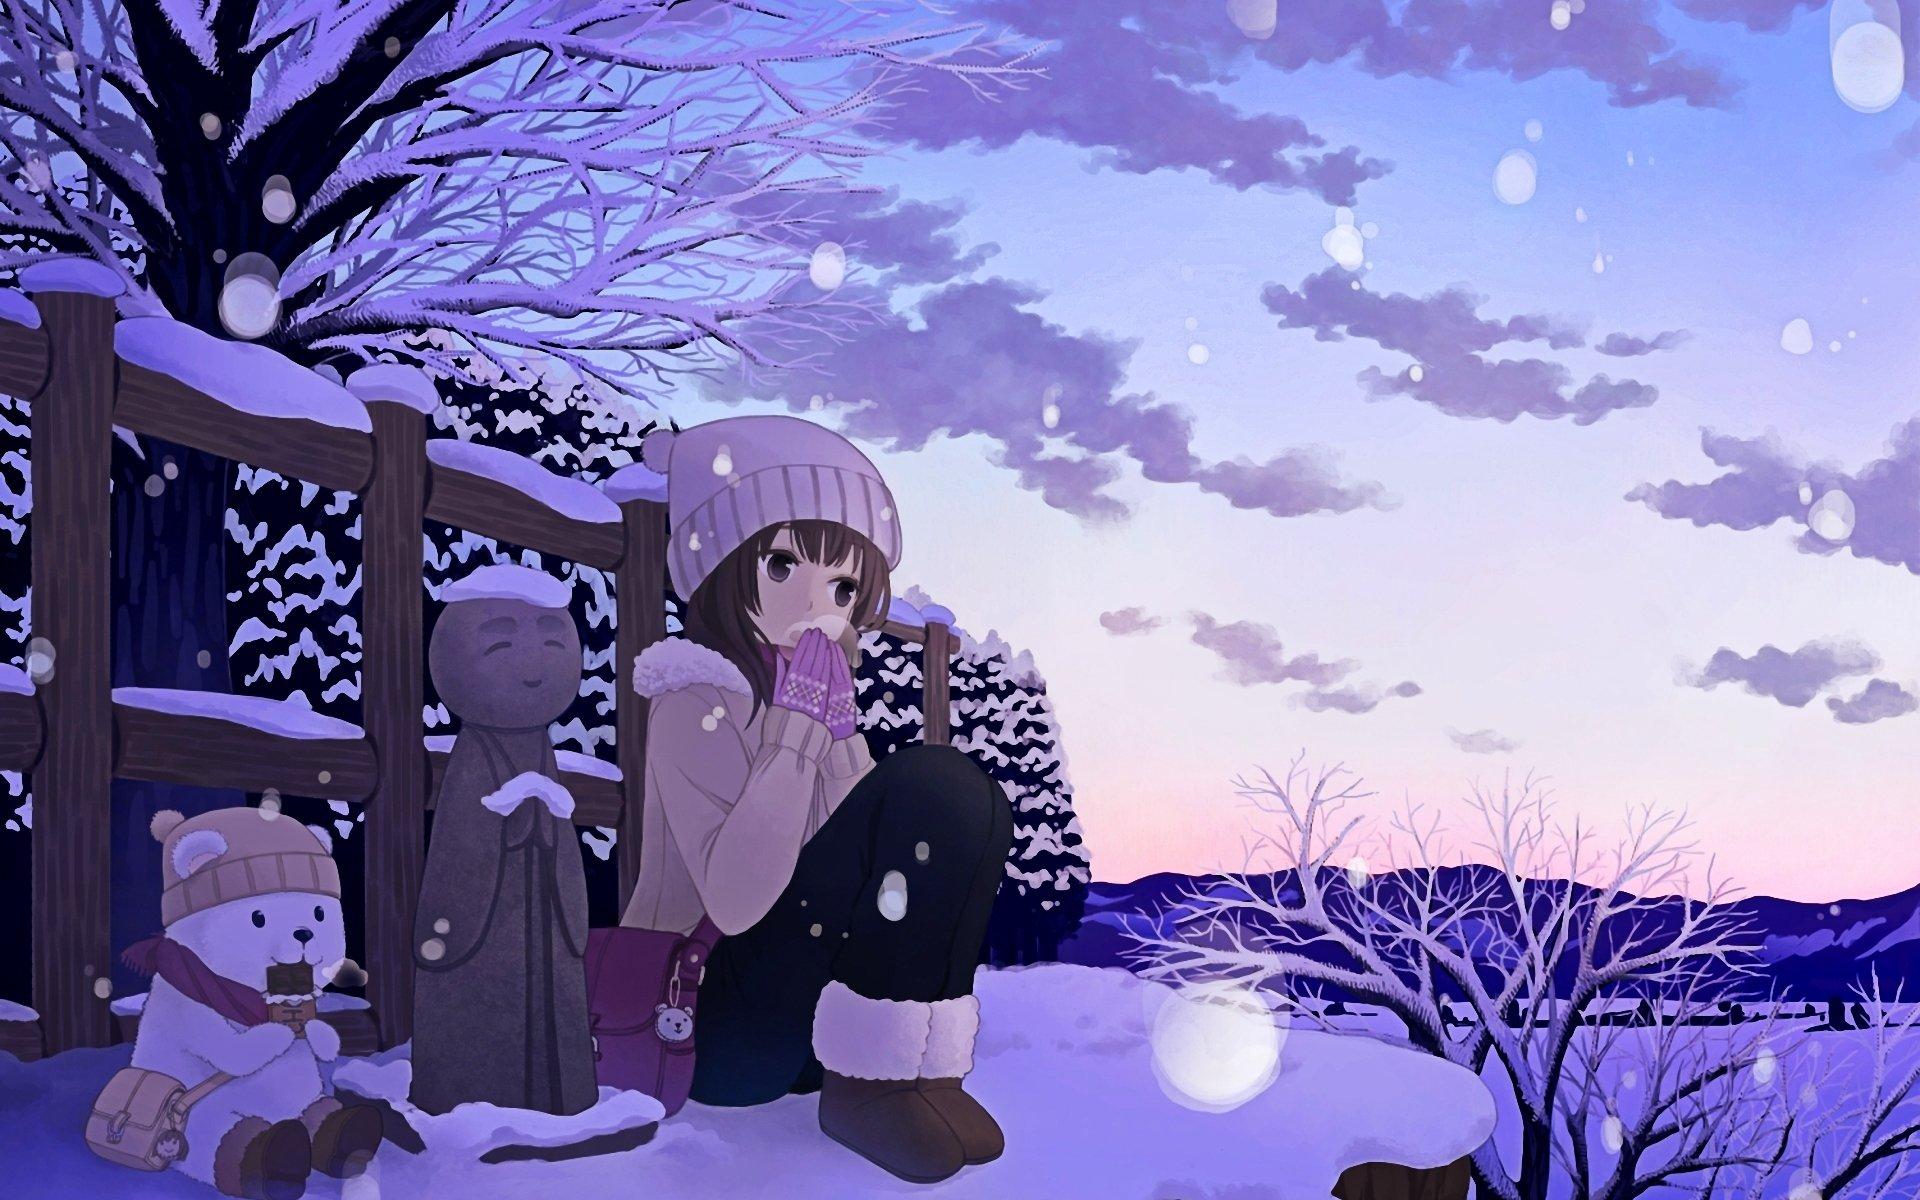 Anime girl winter snow wallpaper 1920x1200 684887 - Winter anime girl wallpaper ...